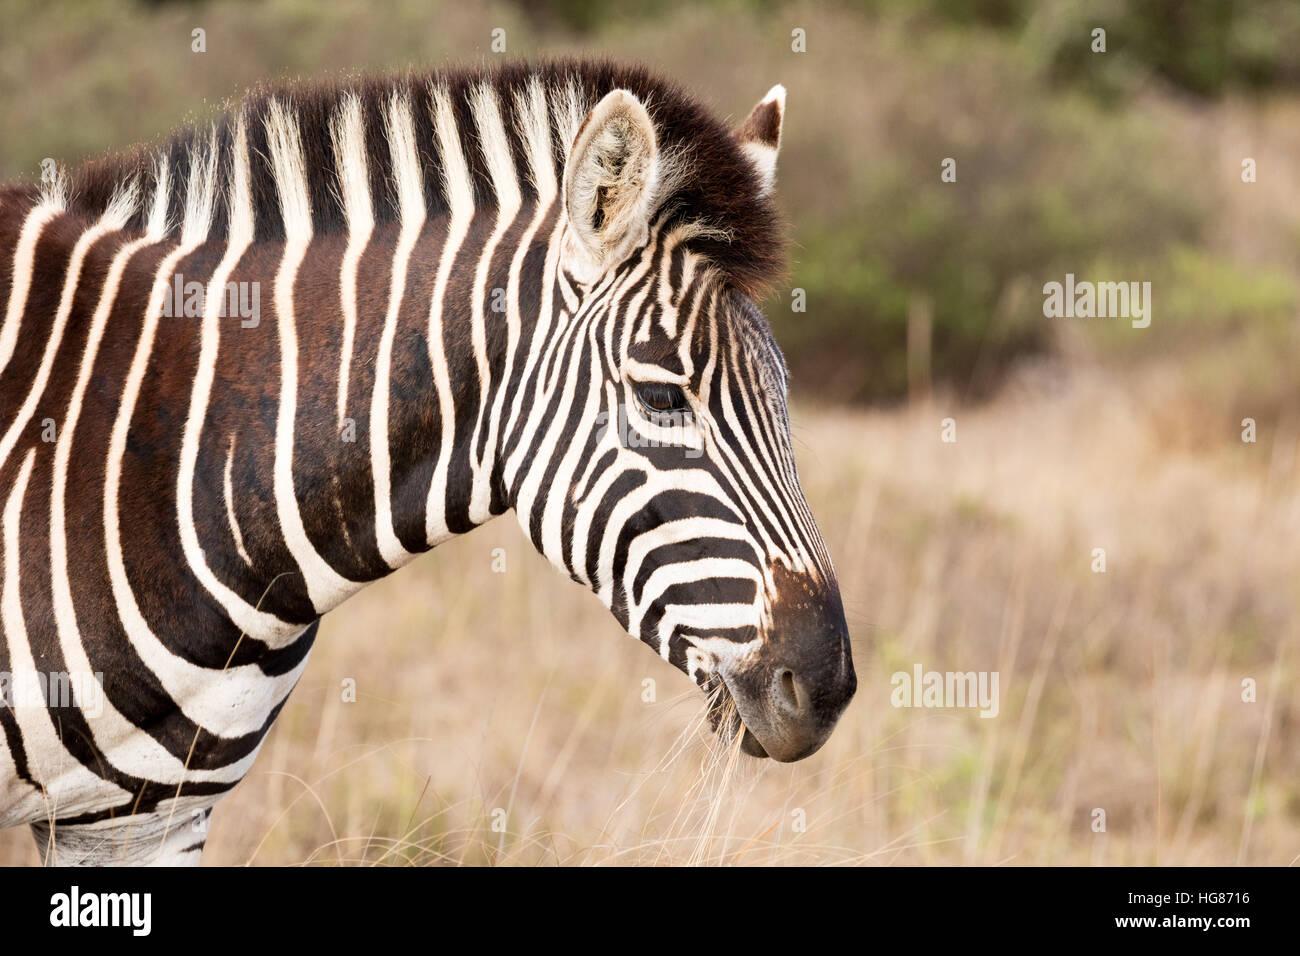 Cabeza de una llanura ( zebra Equus quagga ), Sudáfrica Imagen De Stock